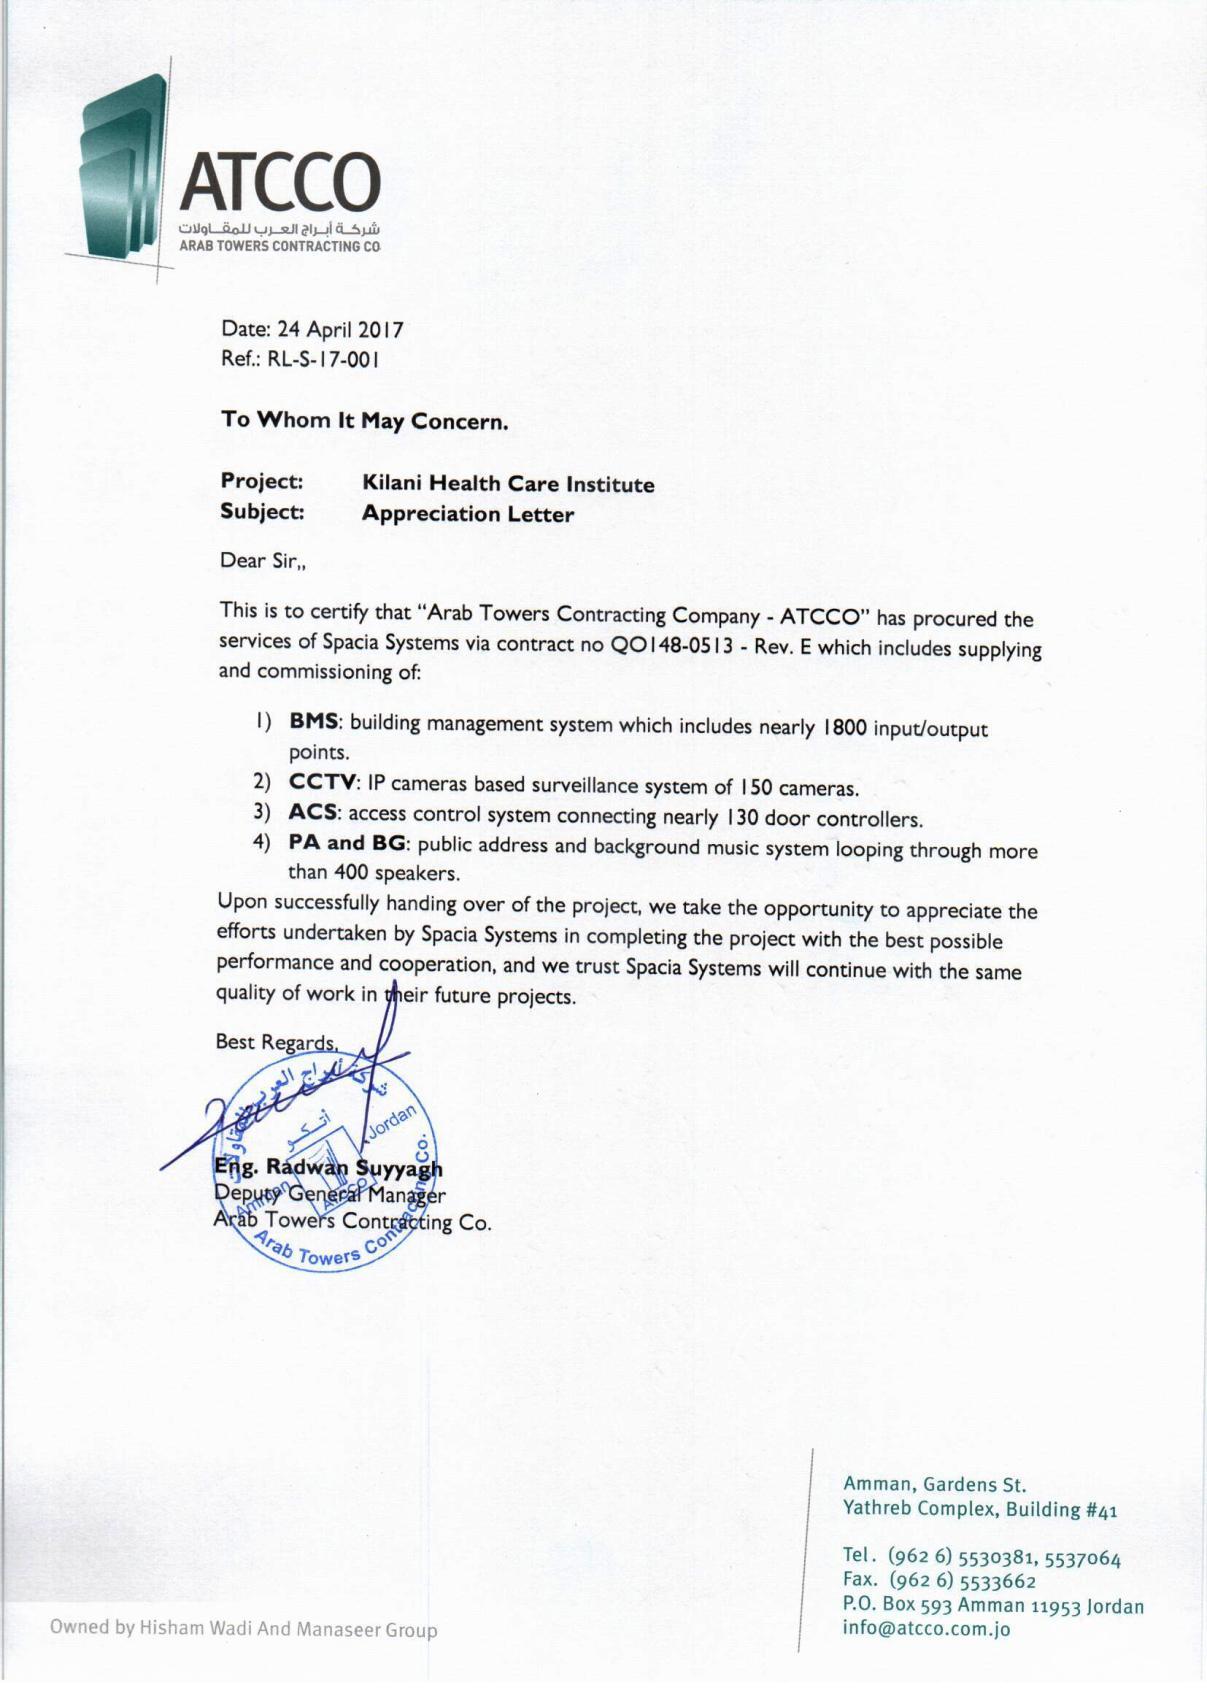 Appreciation Letter- Kilani Health Care Institute